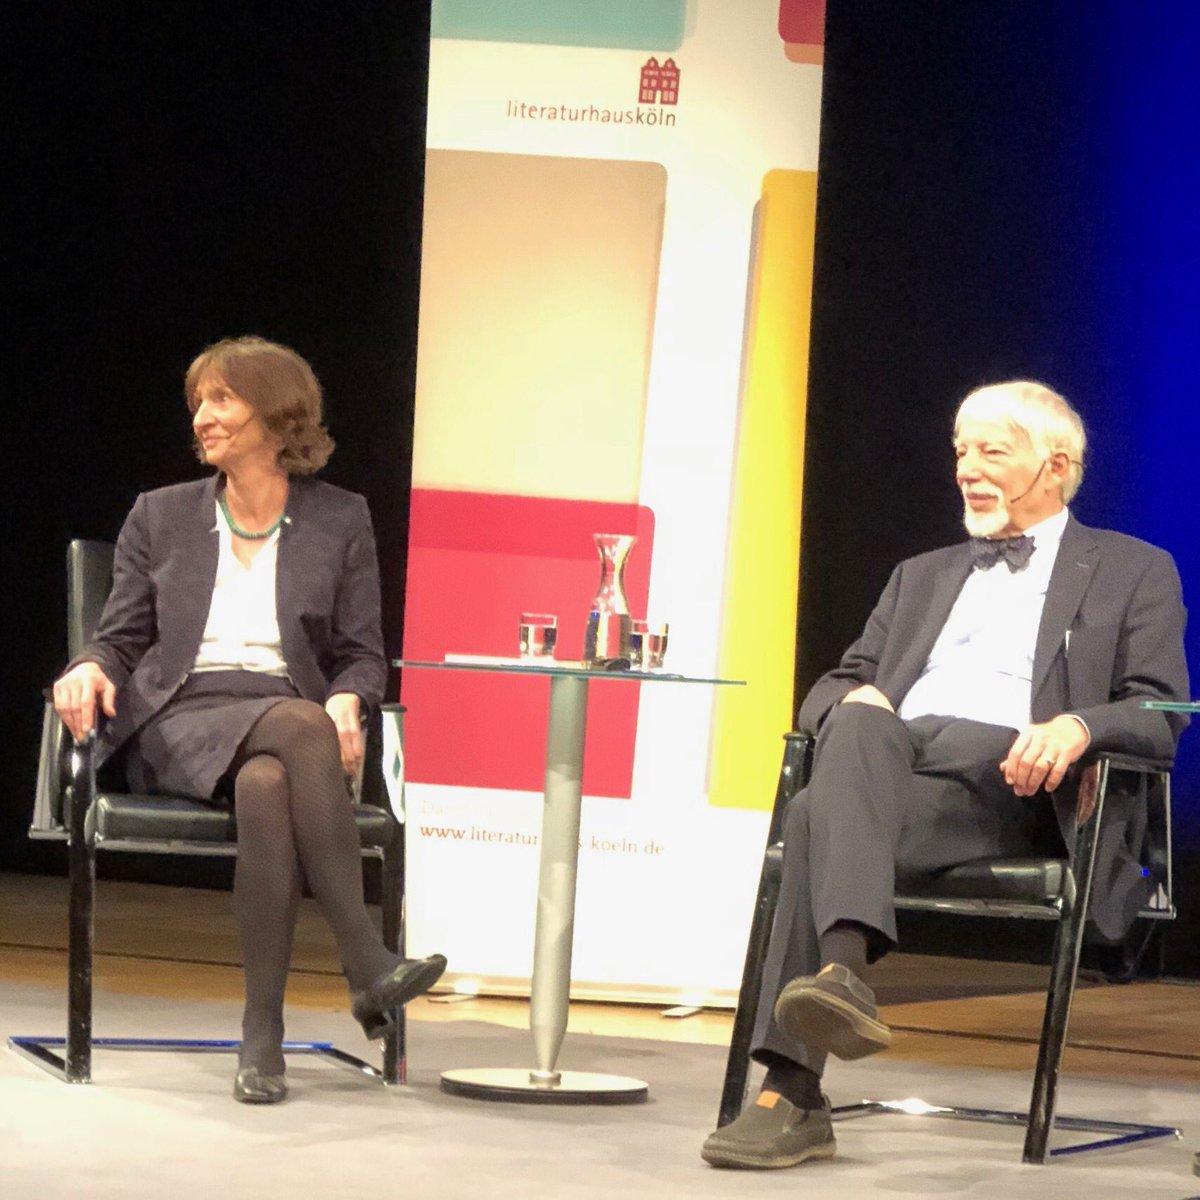 Aleida und Jens #Assmann gestern Abend in Köln. #Friedenspreis #Friedensarbeit https://t.co/MRqp4tXPDU